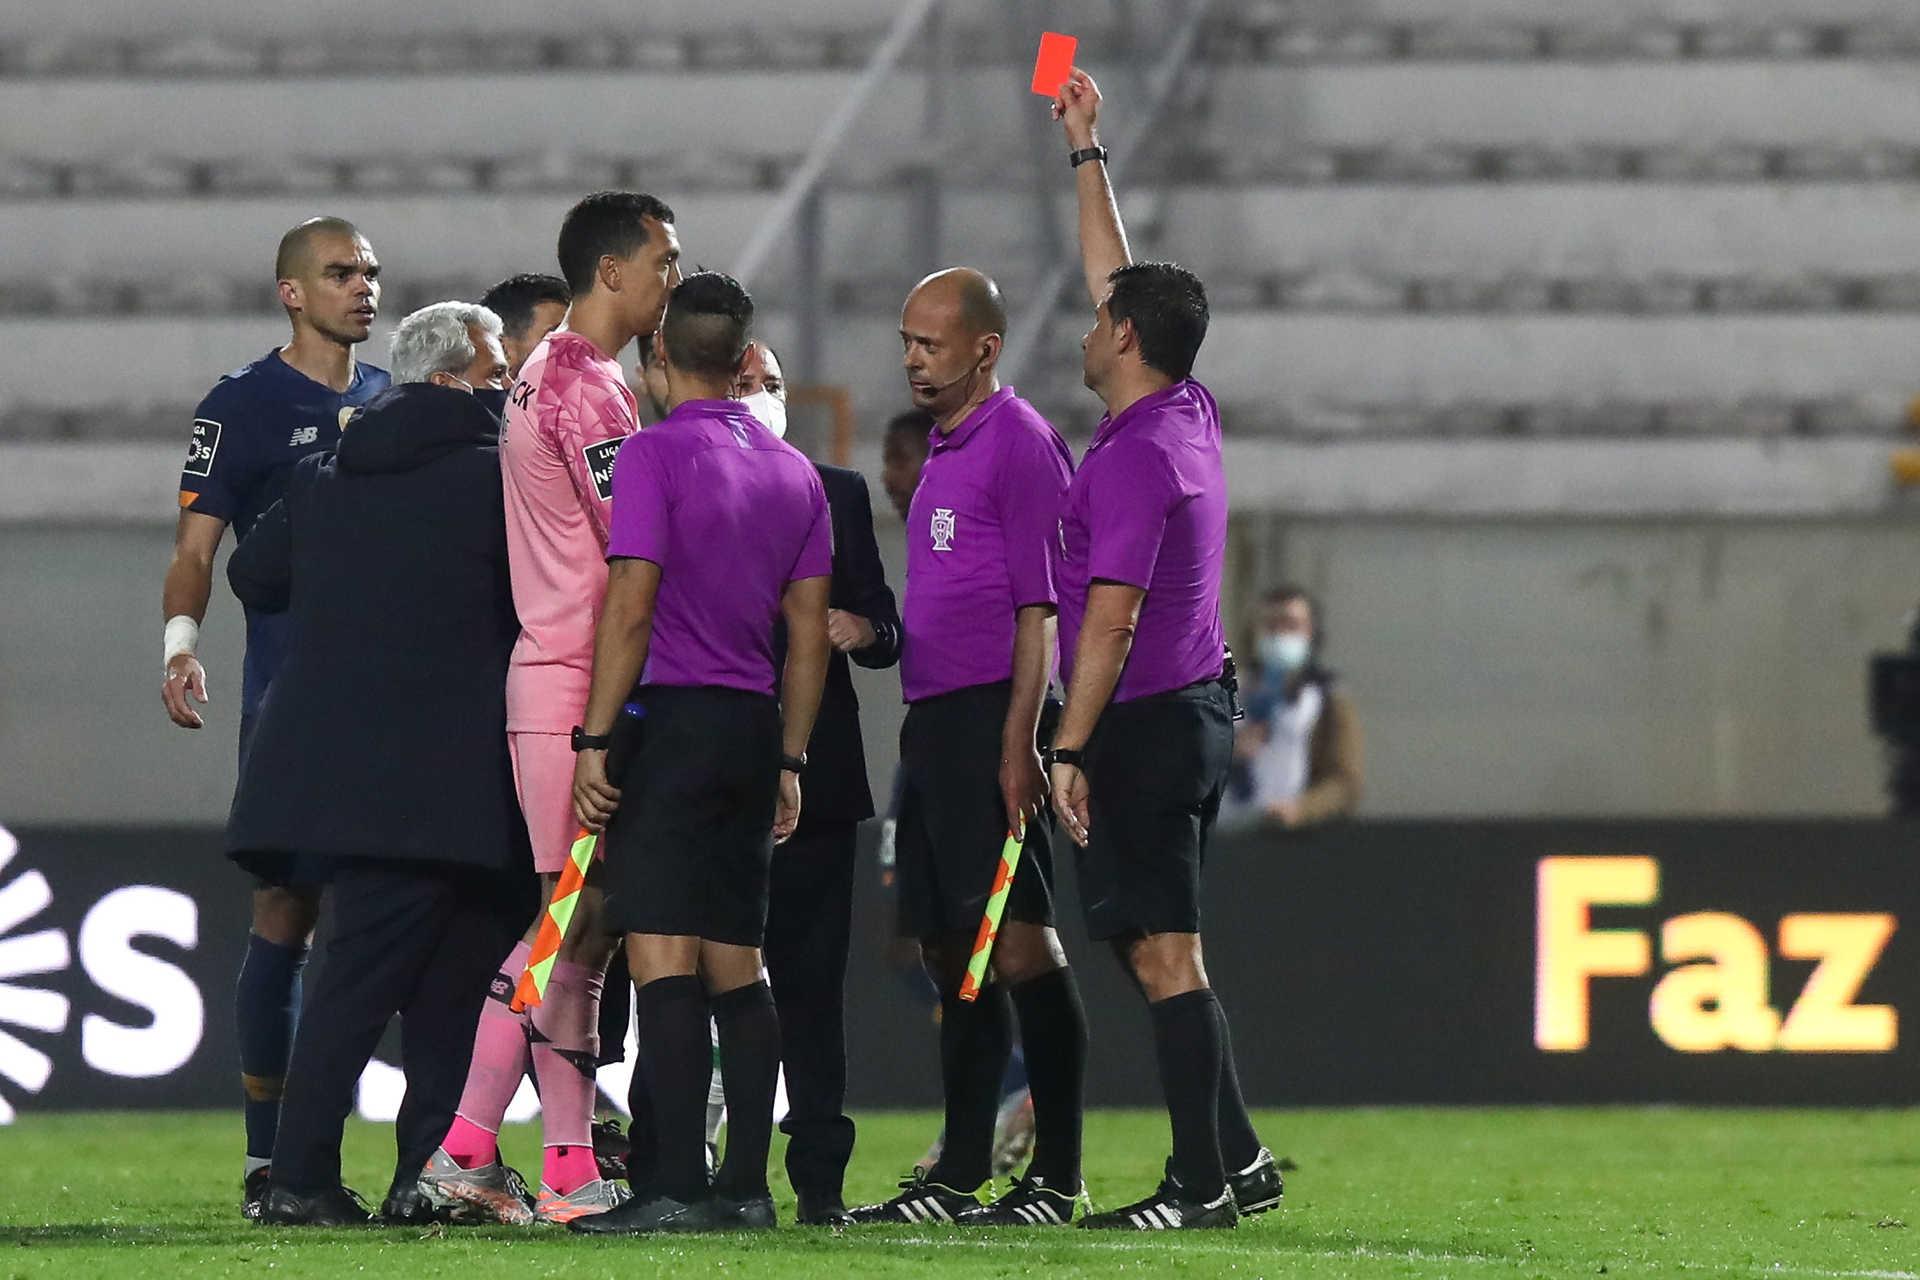 Conceição expulso e jornalista agredido após o Moreirense - F.C. Porto